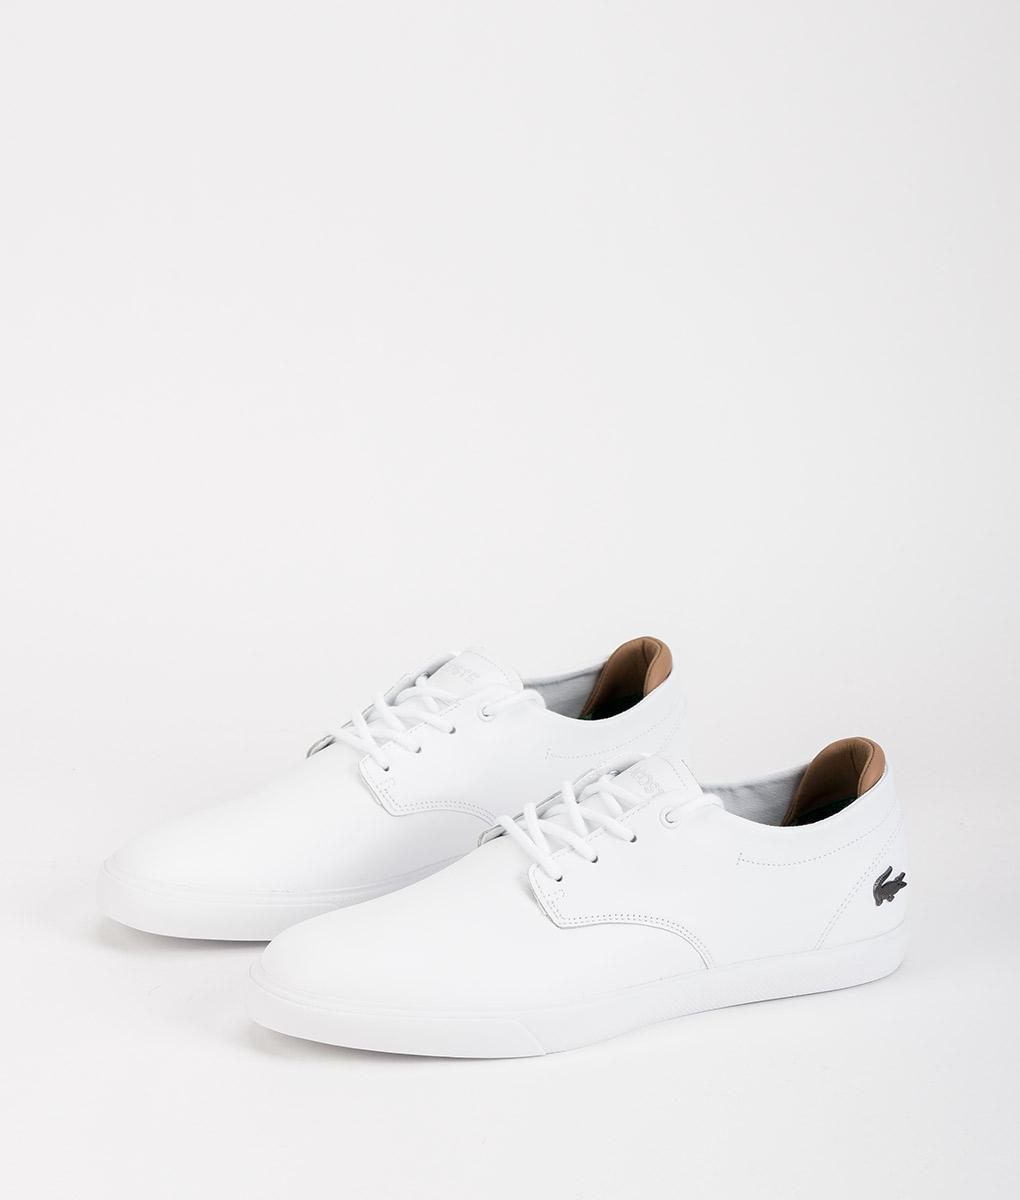 LACOSTE Men Sneakers ESPERE 117, White